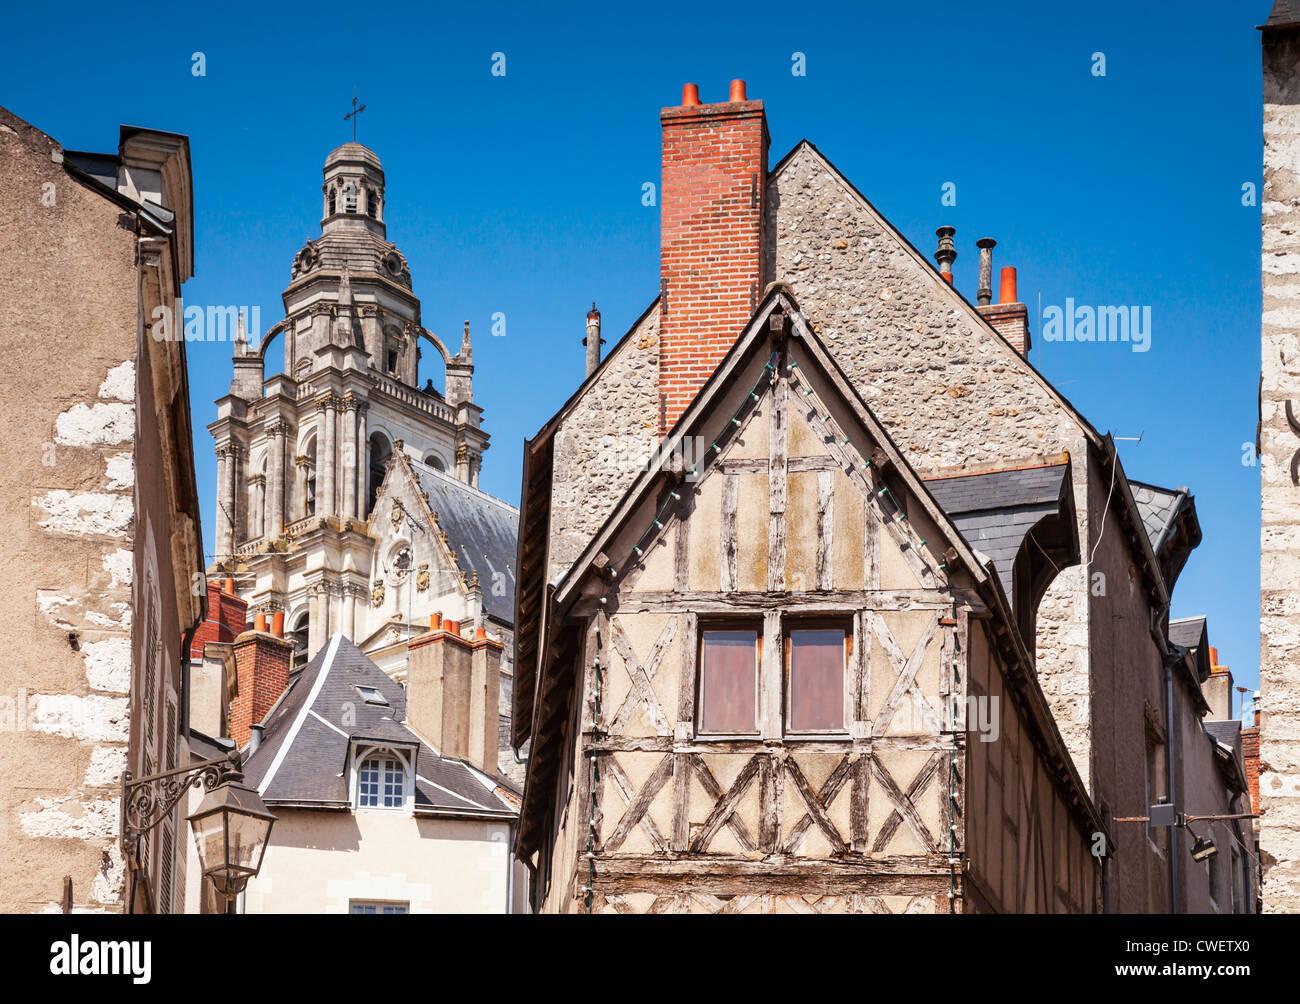 Detalle de edificios medievales en el Valle del Loira, Centro de la ciudad de Blois, Francia. La iglesia es la Catedral Imagen De Stock